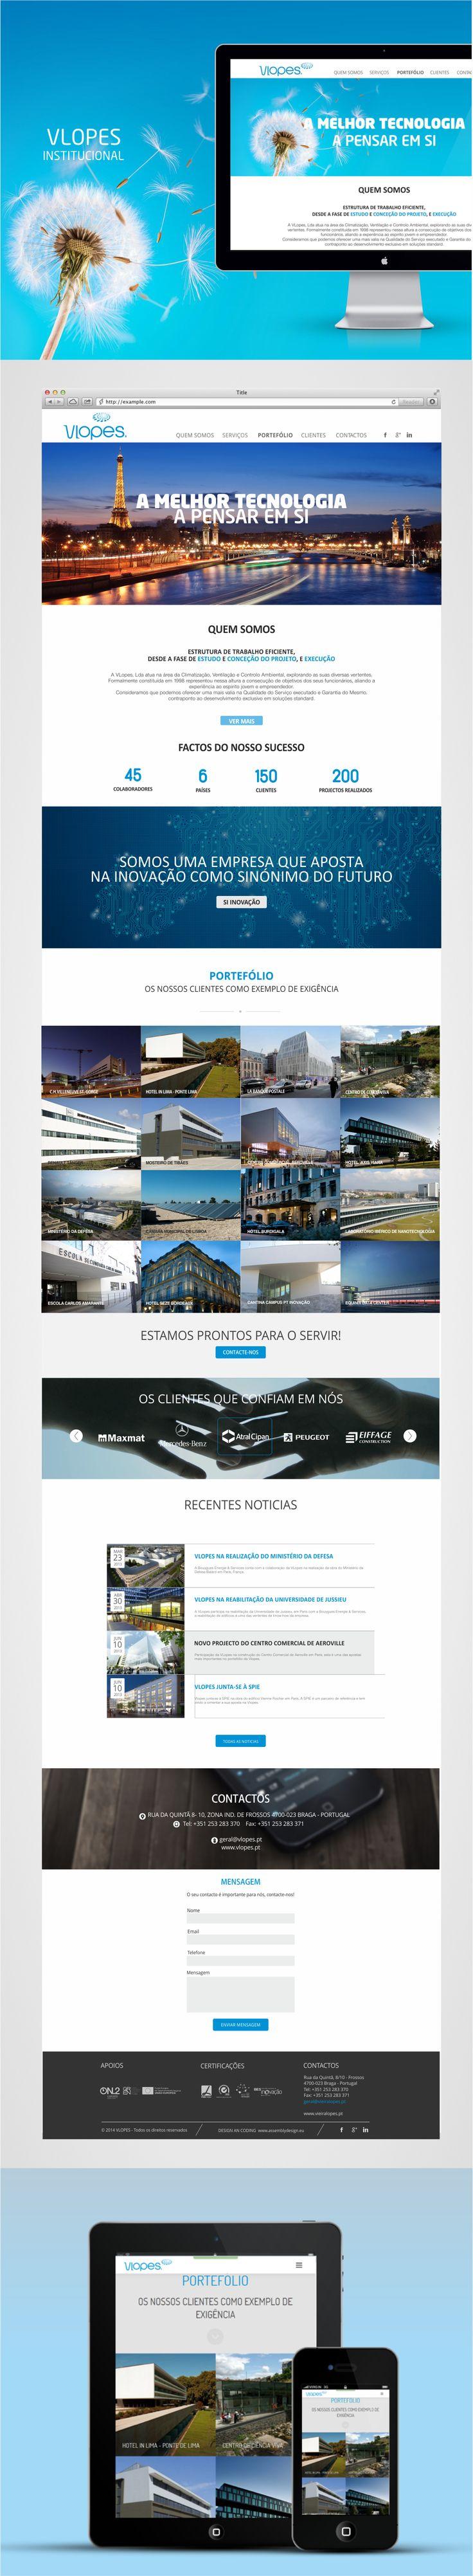 Website Vieira & Lopes #webdesign #Climatização #website responsivo #ComunicaDigital